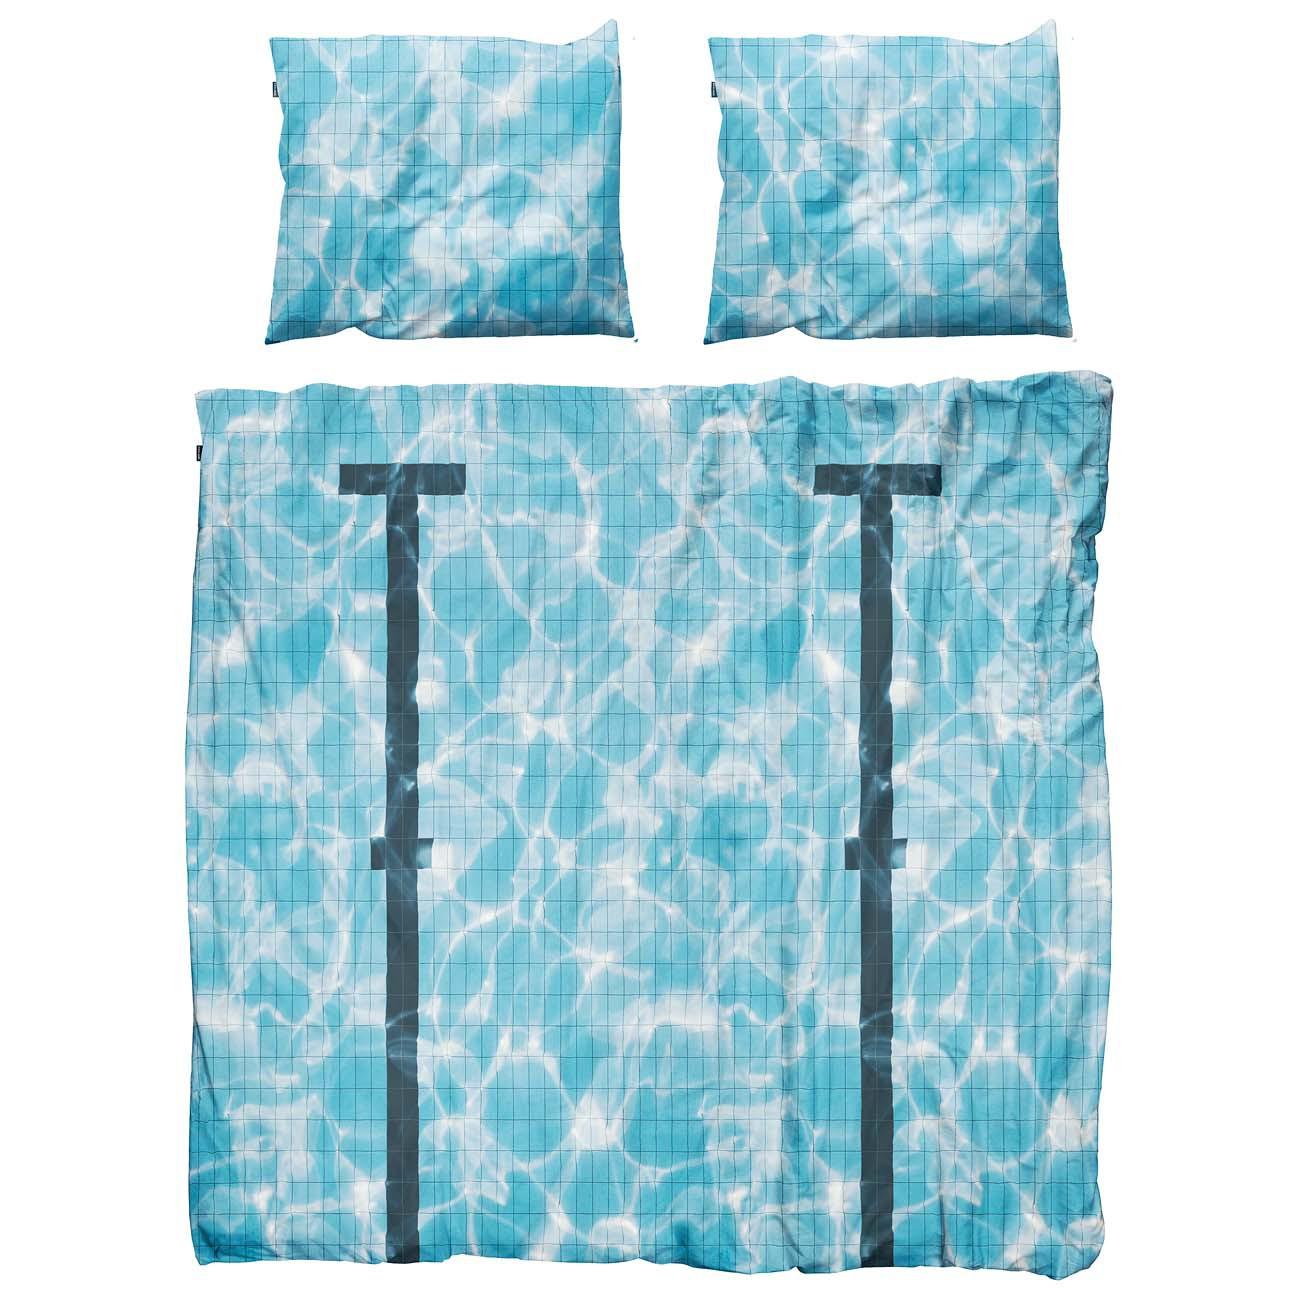 snurk bettw sche pool 200 x 220 cm 100 baumwolle deko. Black Bedroom Furniture Sets. Home Design Ideas